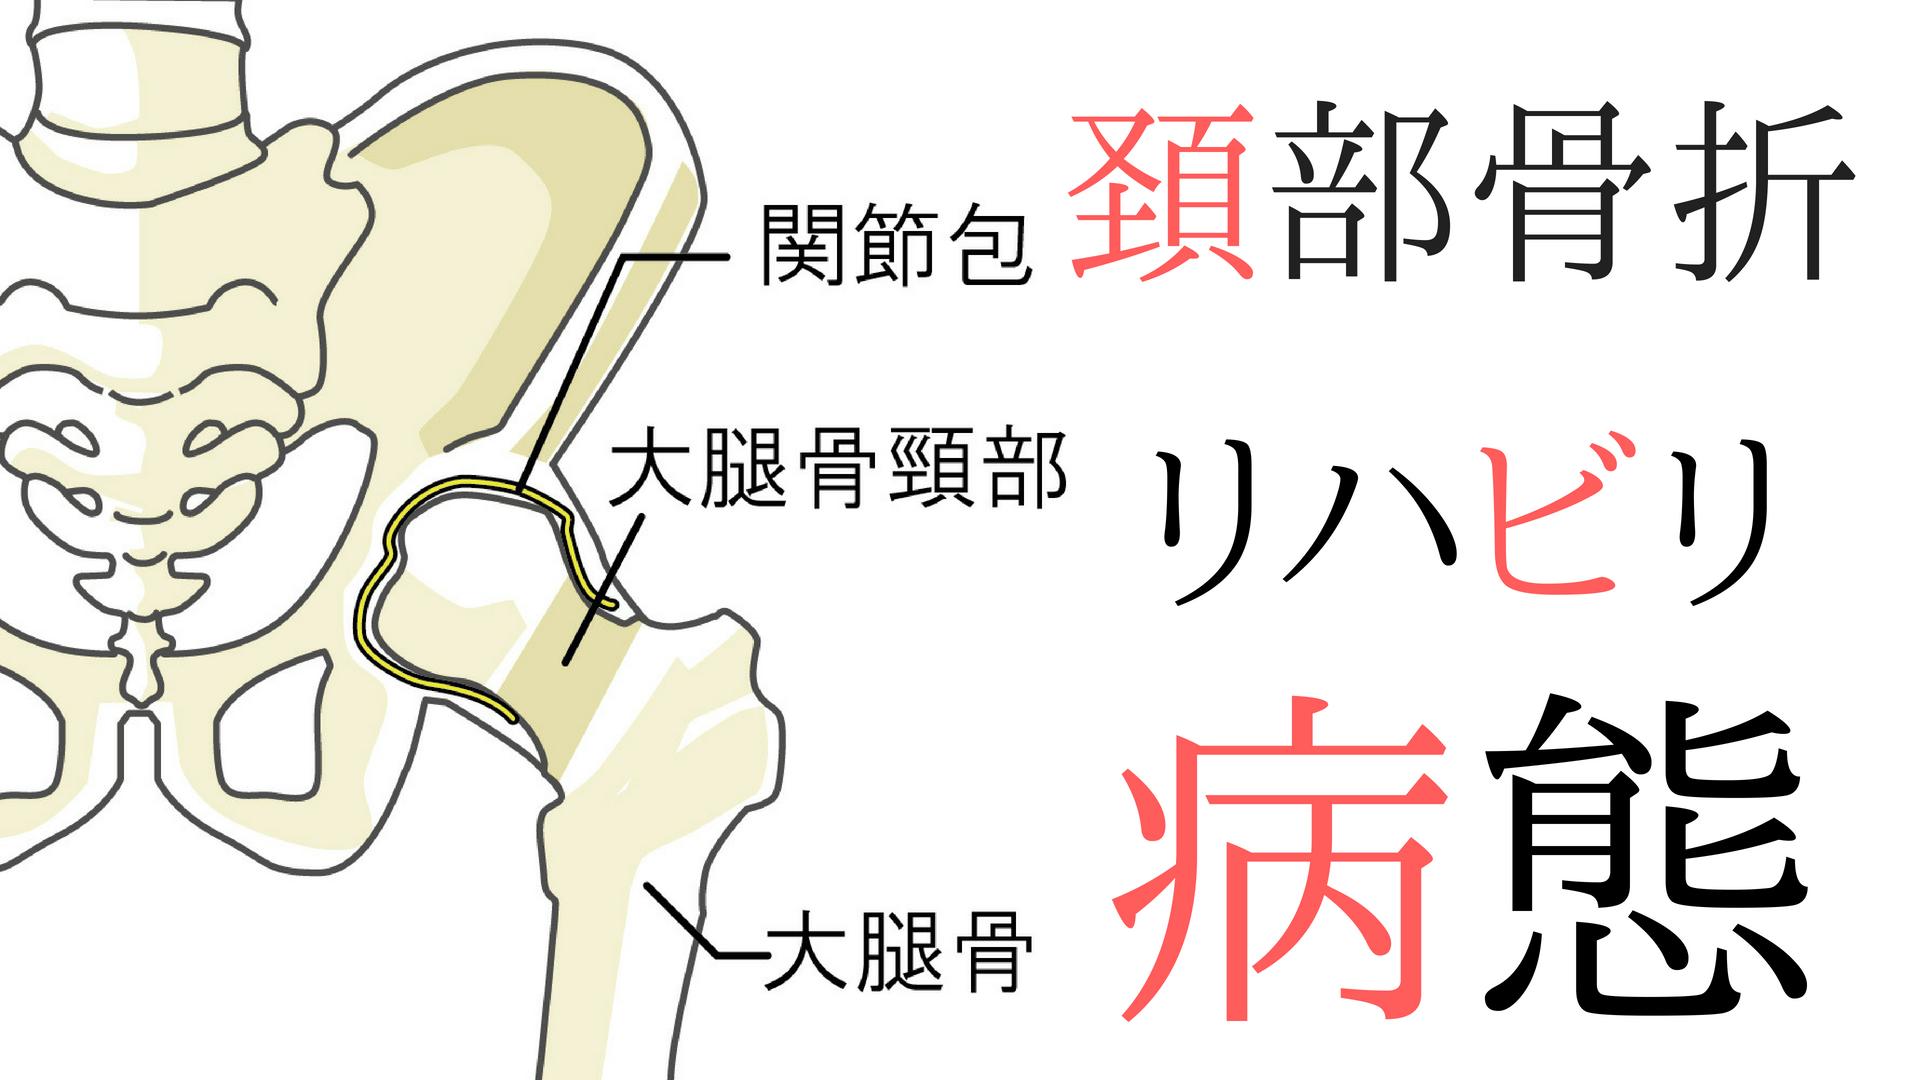 脱臼 人工 術 骨頭 置換